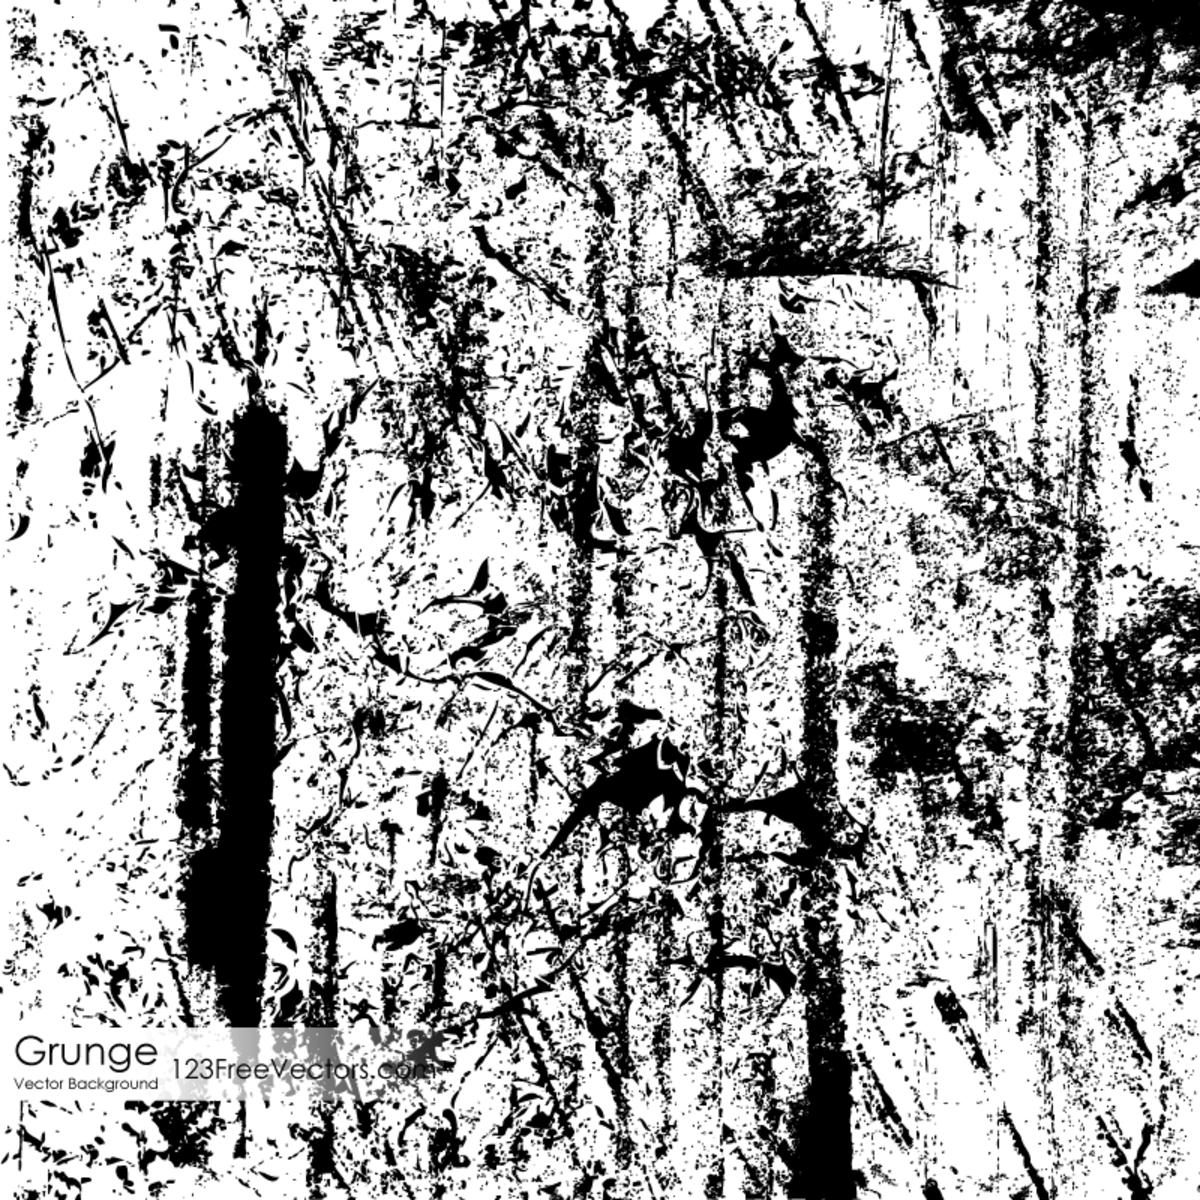 0009_纹理_复古破旧痕迹纹理背景矢量设计素材大图01辑-Grunge-Background-008_xPX_EPS_DPI_10_0